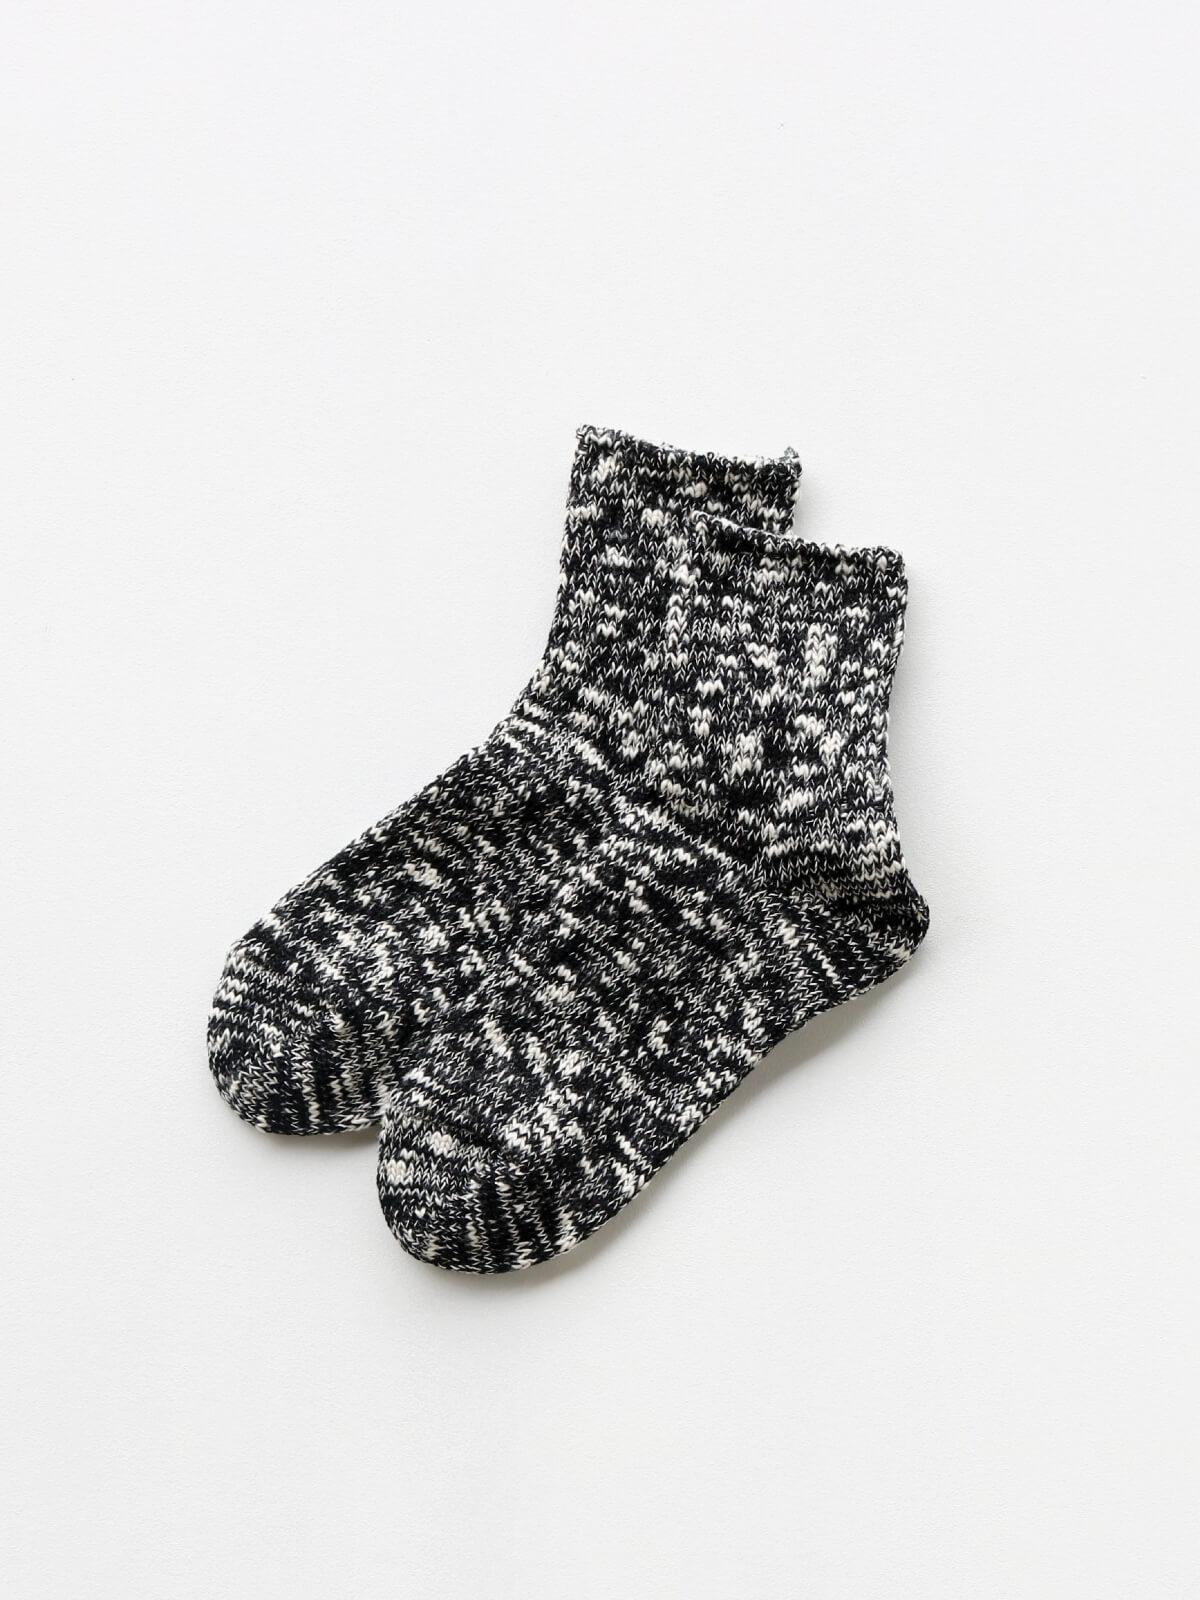 当たりつきギフト専用靴下のLUCKY SOCKS(ラッキーソックス)のMix Ankle Socks(ミックスアンクルソックス)のブラック_2